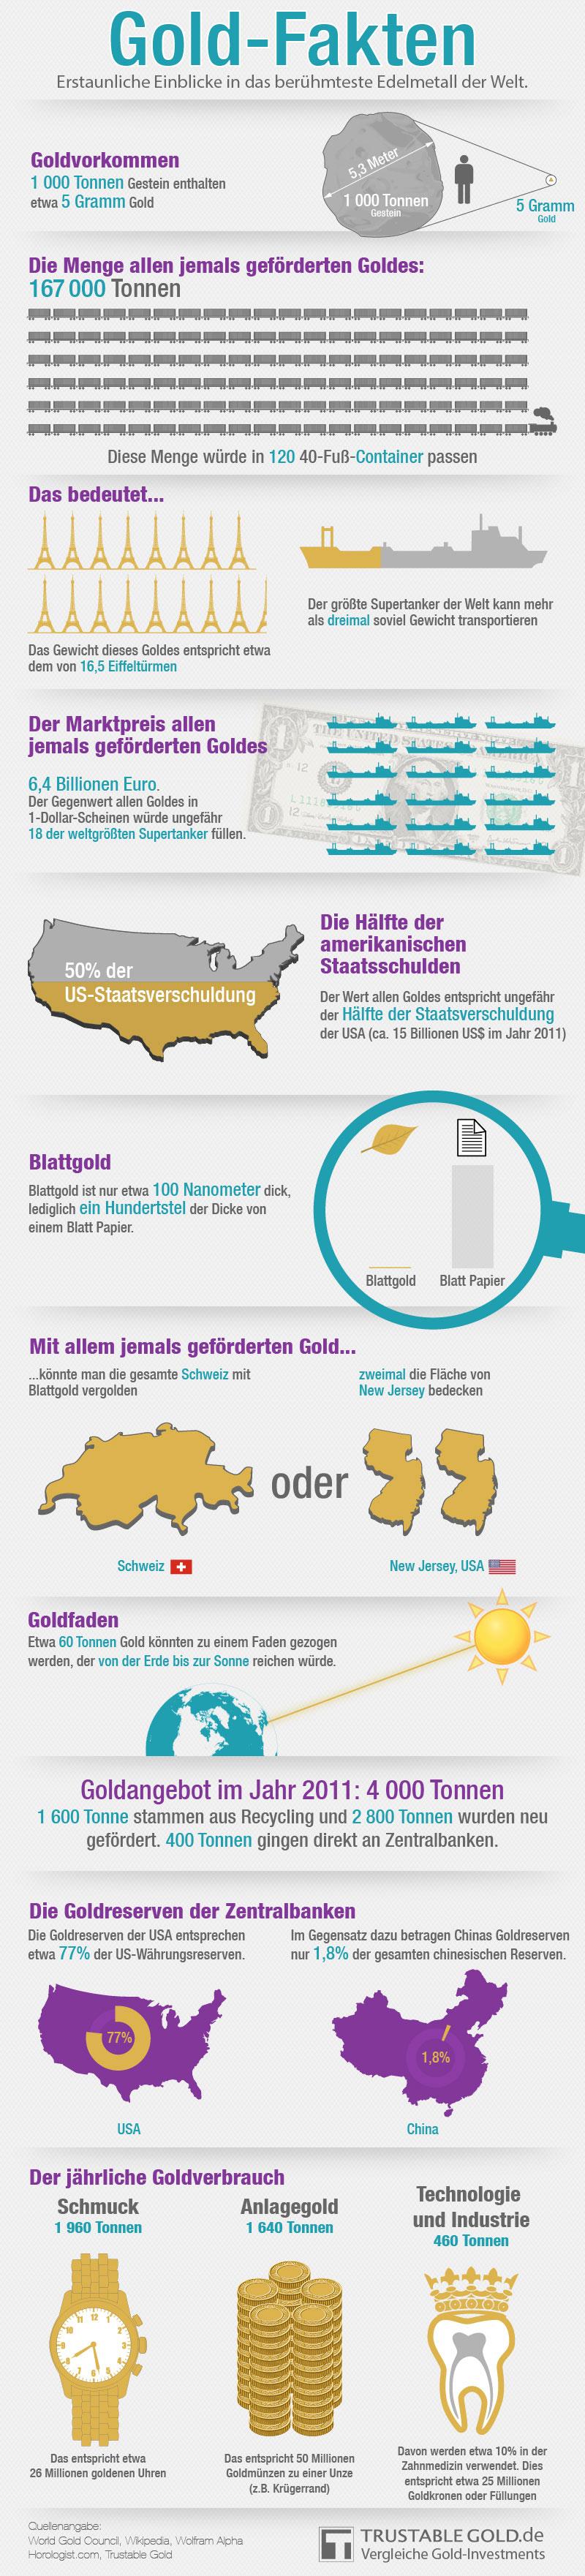 Infografik Gold Fakten